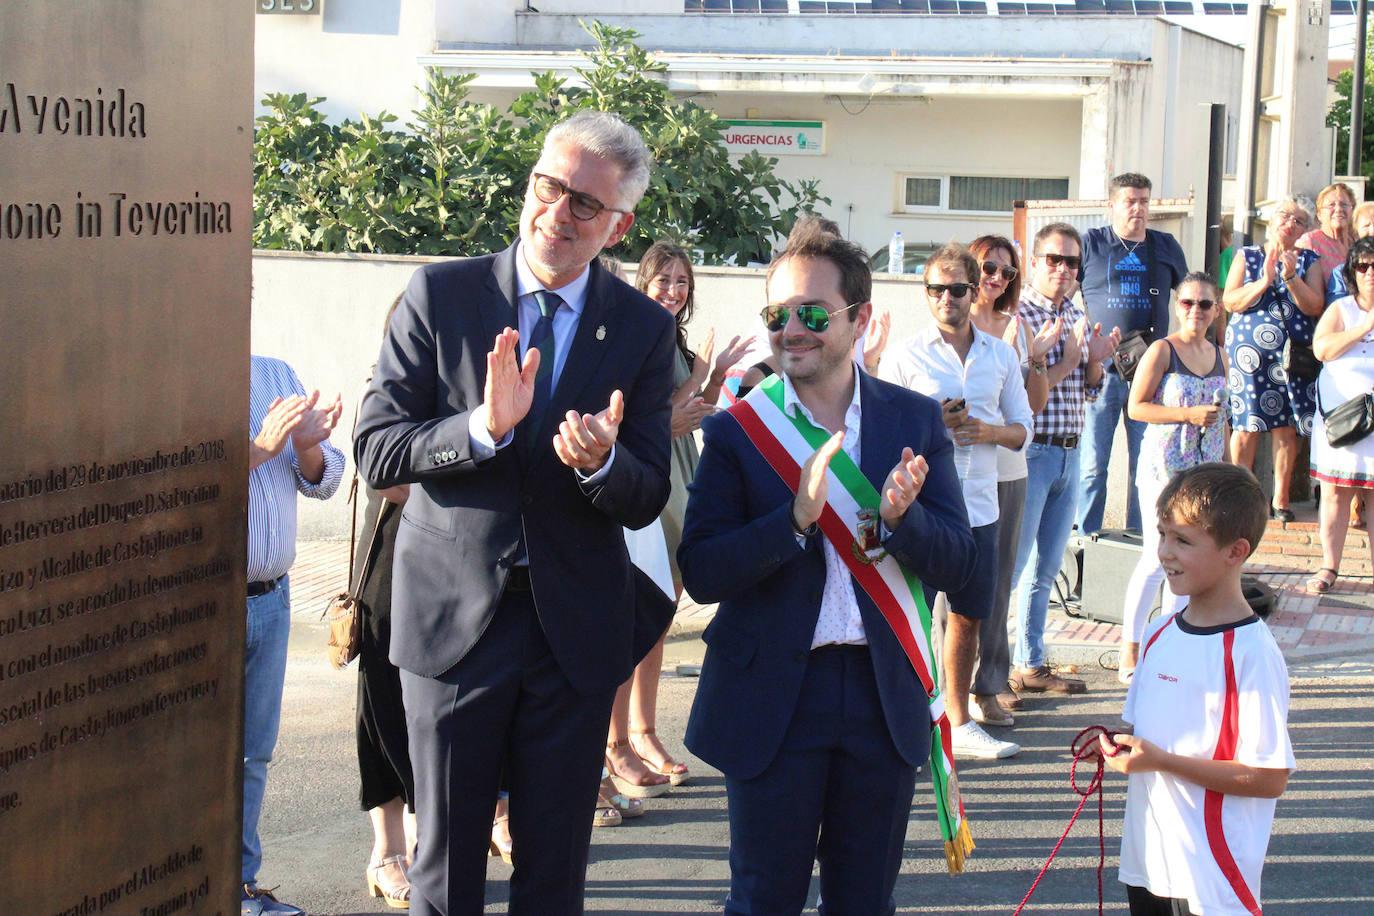 Se inaugura la Avenida Castiglione in Teverina